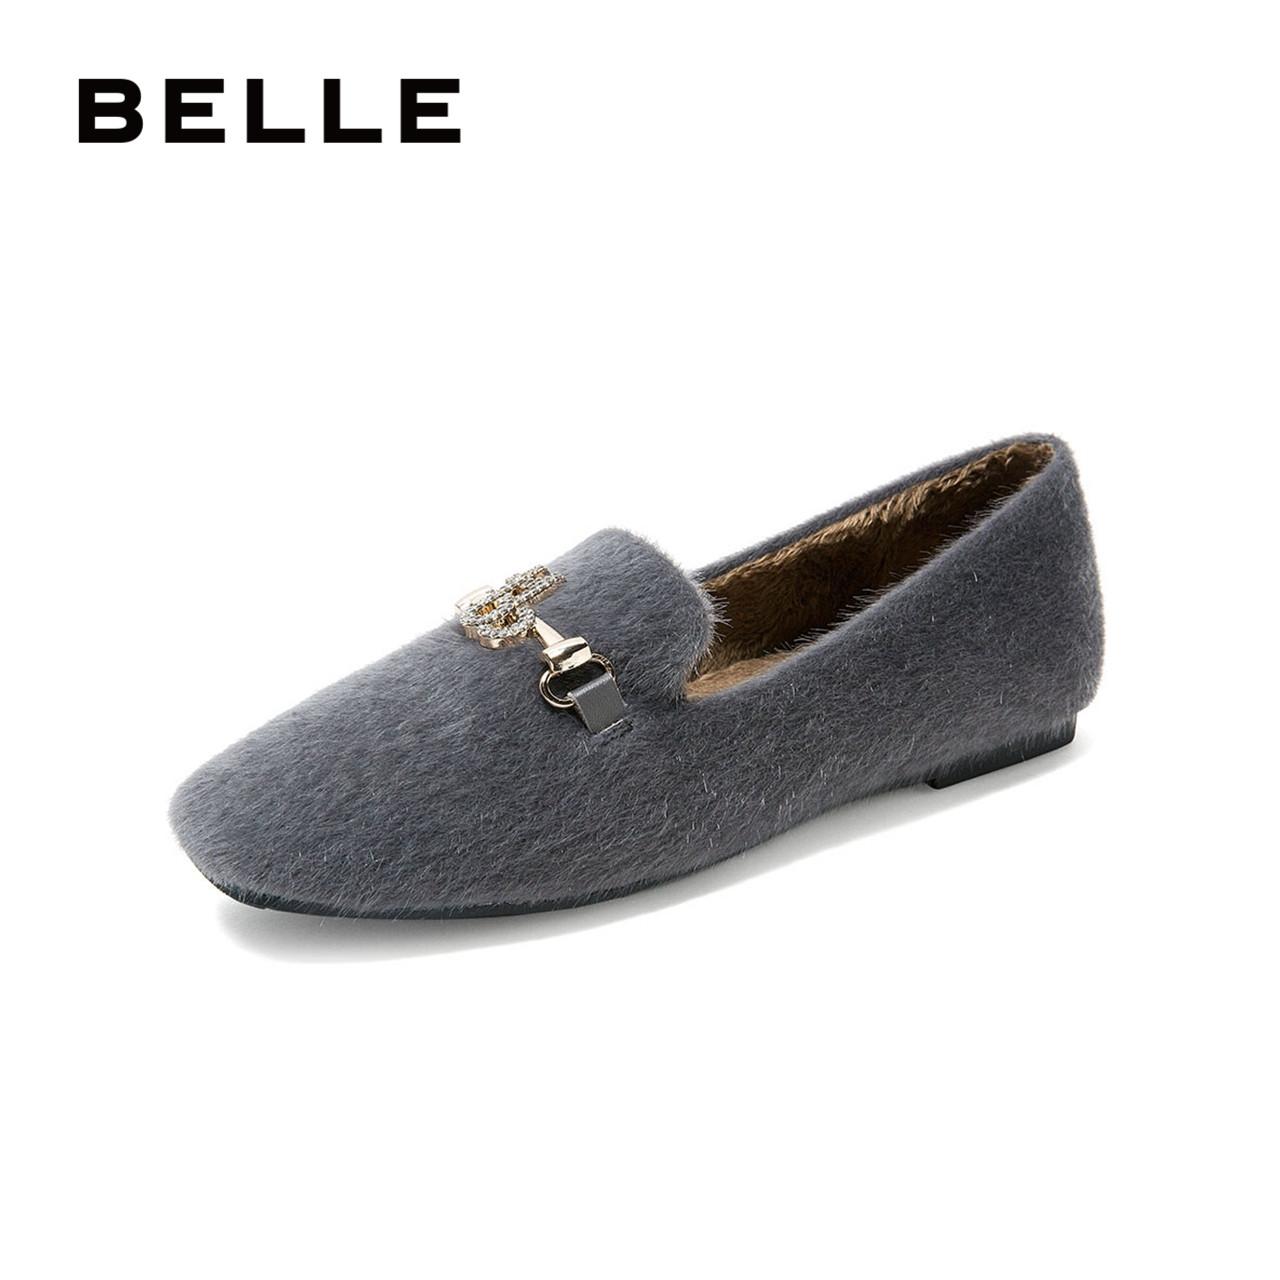 百丽平底商场同款闪钻舒适绒面单鞋